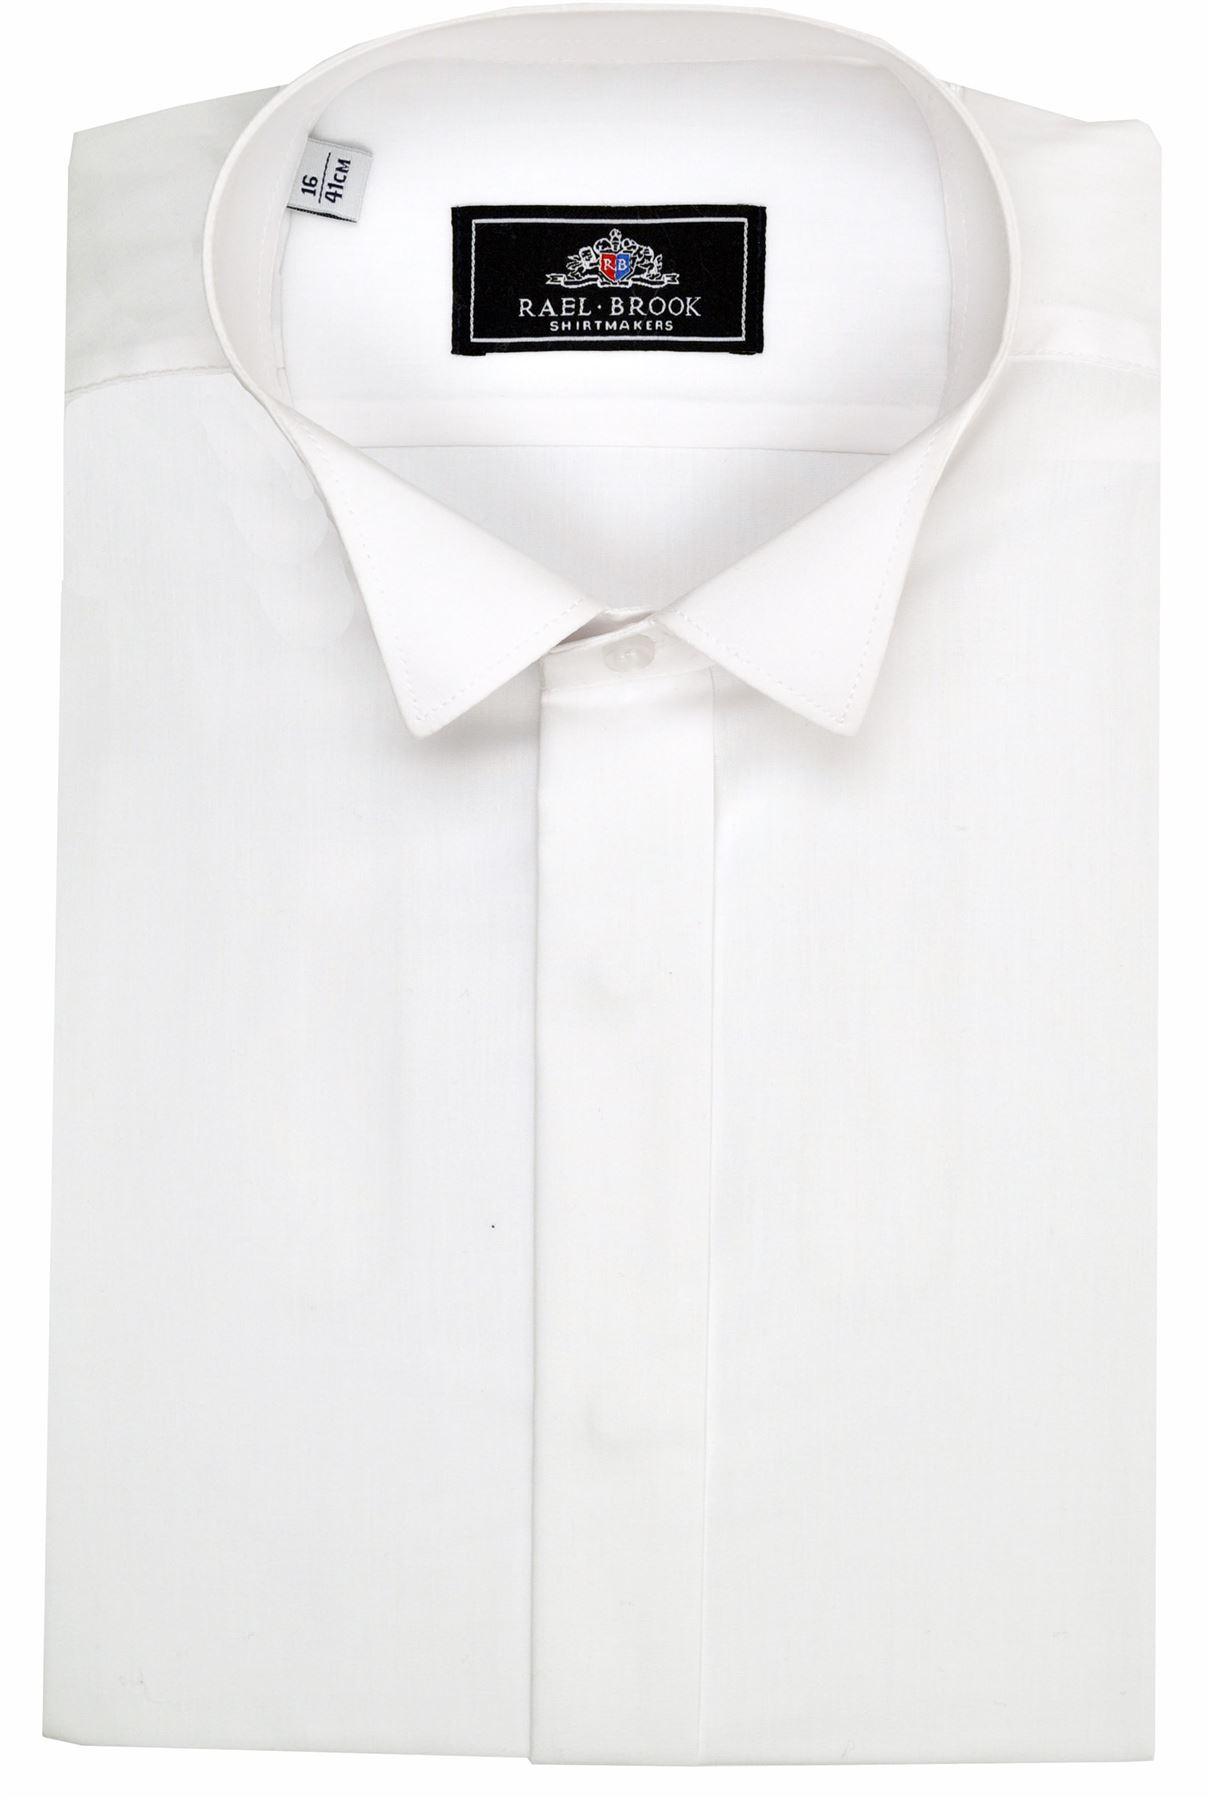 Aile De Cristal épinglette étoiles Hommes Costume Chemise Col Corsage De